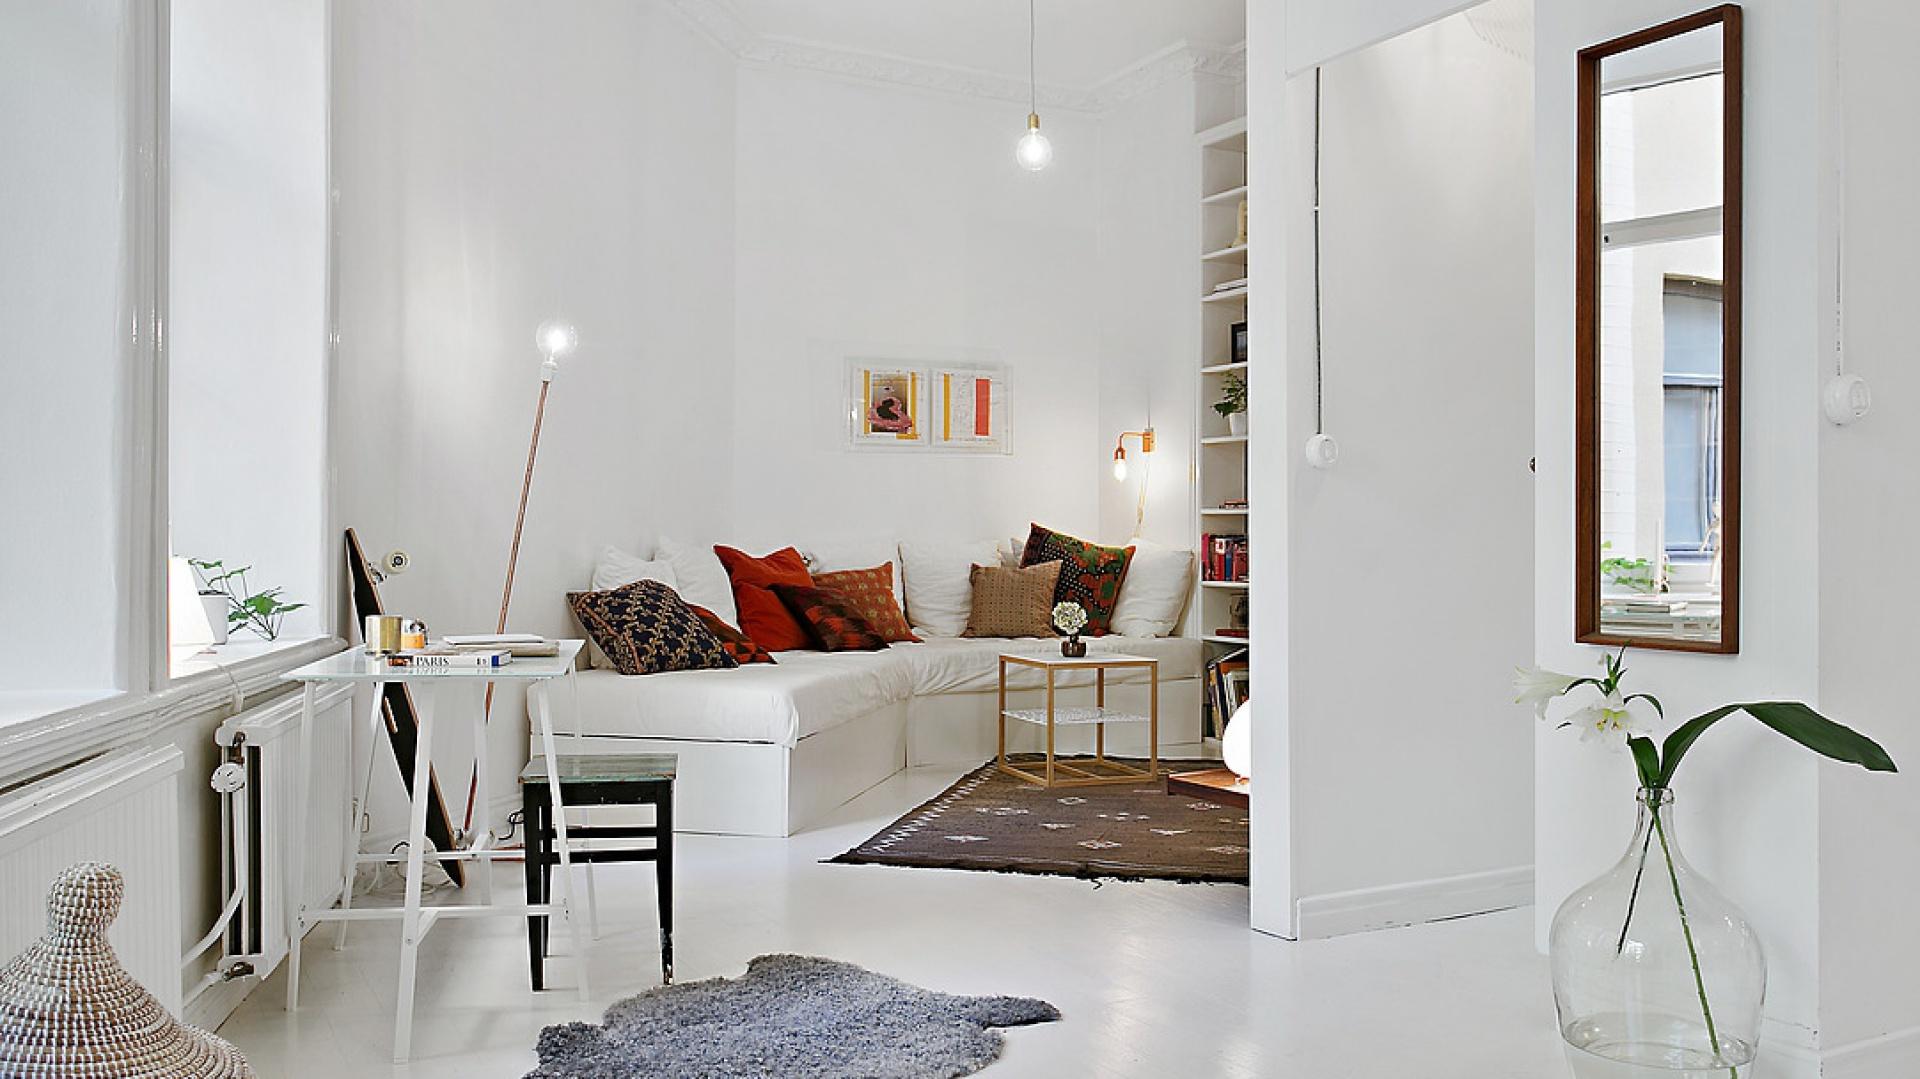 Ściany, podłogi i sufit pomalowano na biały kolor. Wszechobecną biel ocieplają przytulne tekstylia: włochaty dywanik i liczne poduszki w ciepłych jesiennych barwach. Fot. Alvhem Makleri.